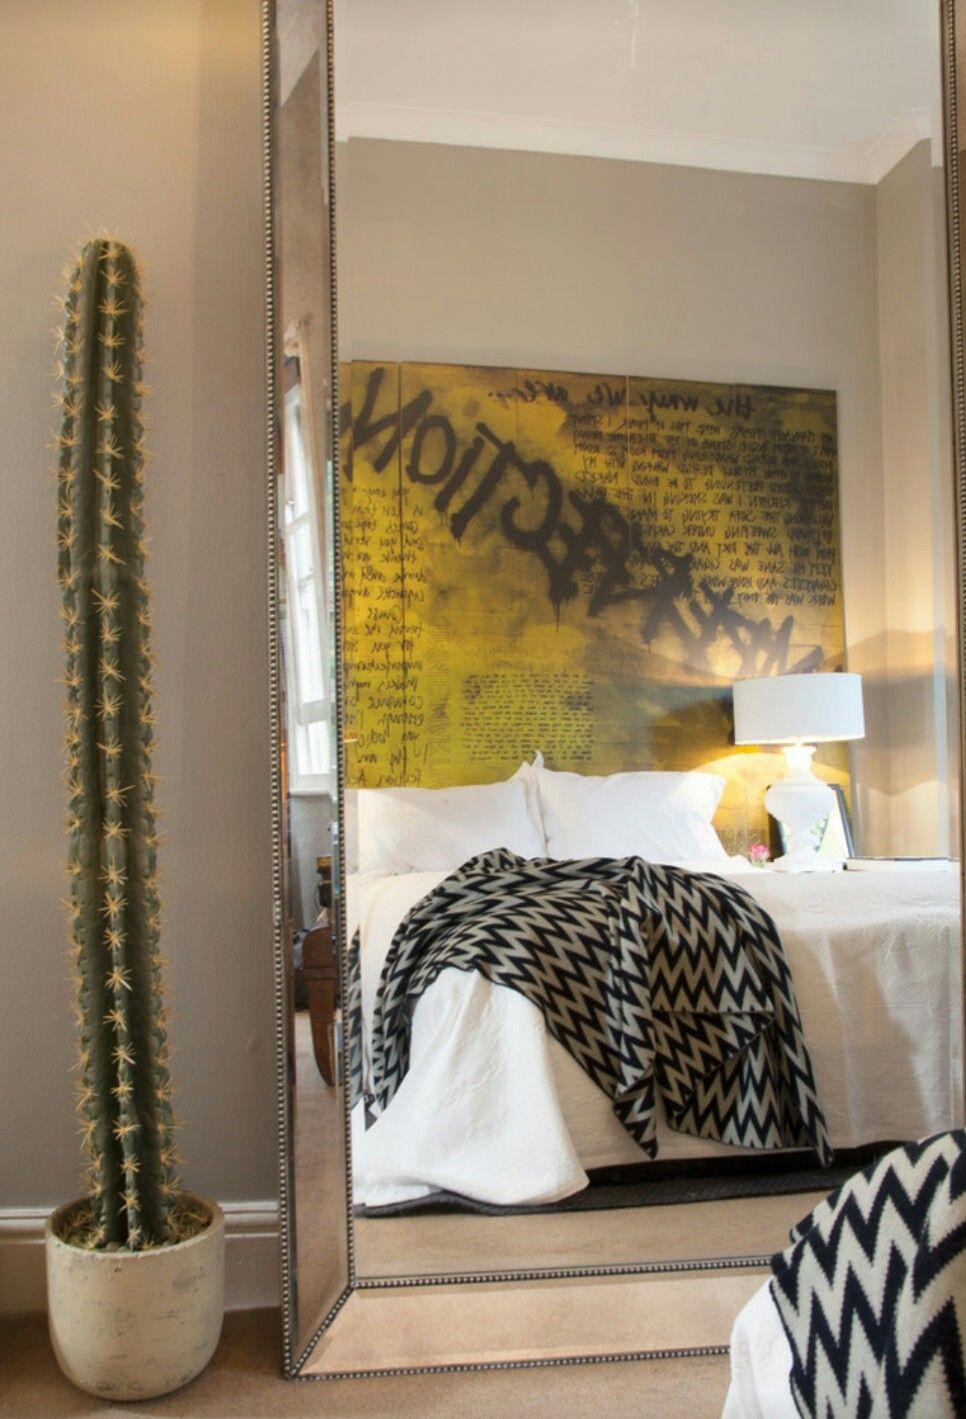 Yatak Odası Dekorasyon Bedroom Decoration Photo elaynebarre.com #yatakodası #bedroom #decorationstyle #eclecticstyle #eklektikdekorasyon #walldecor #wallpaper